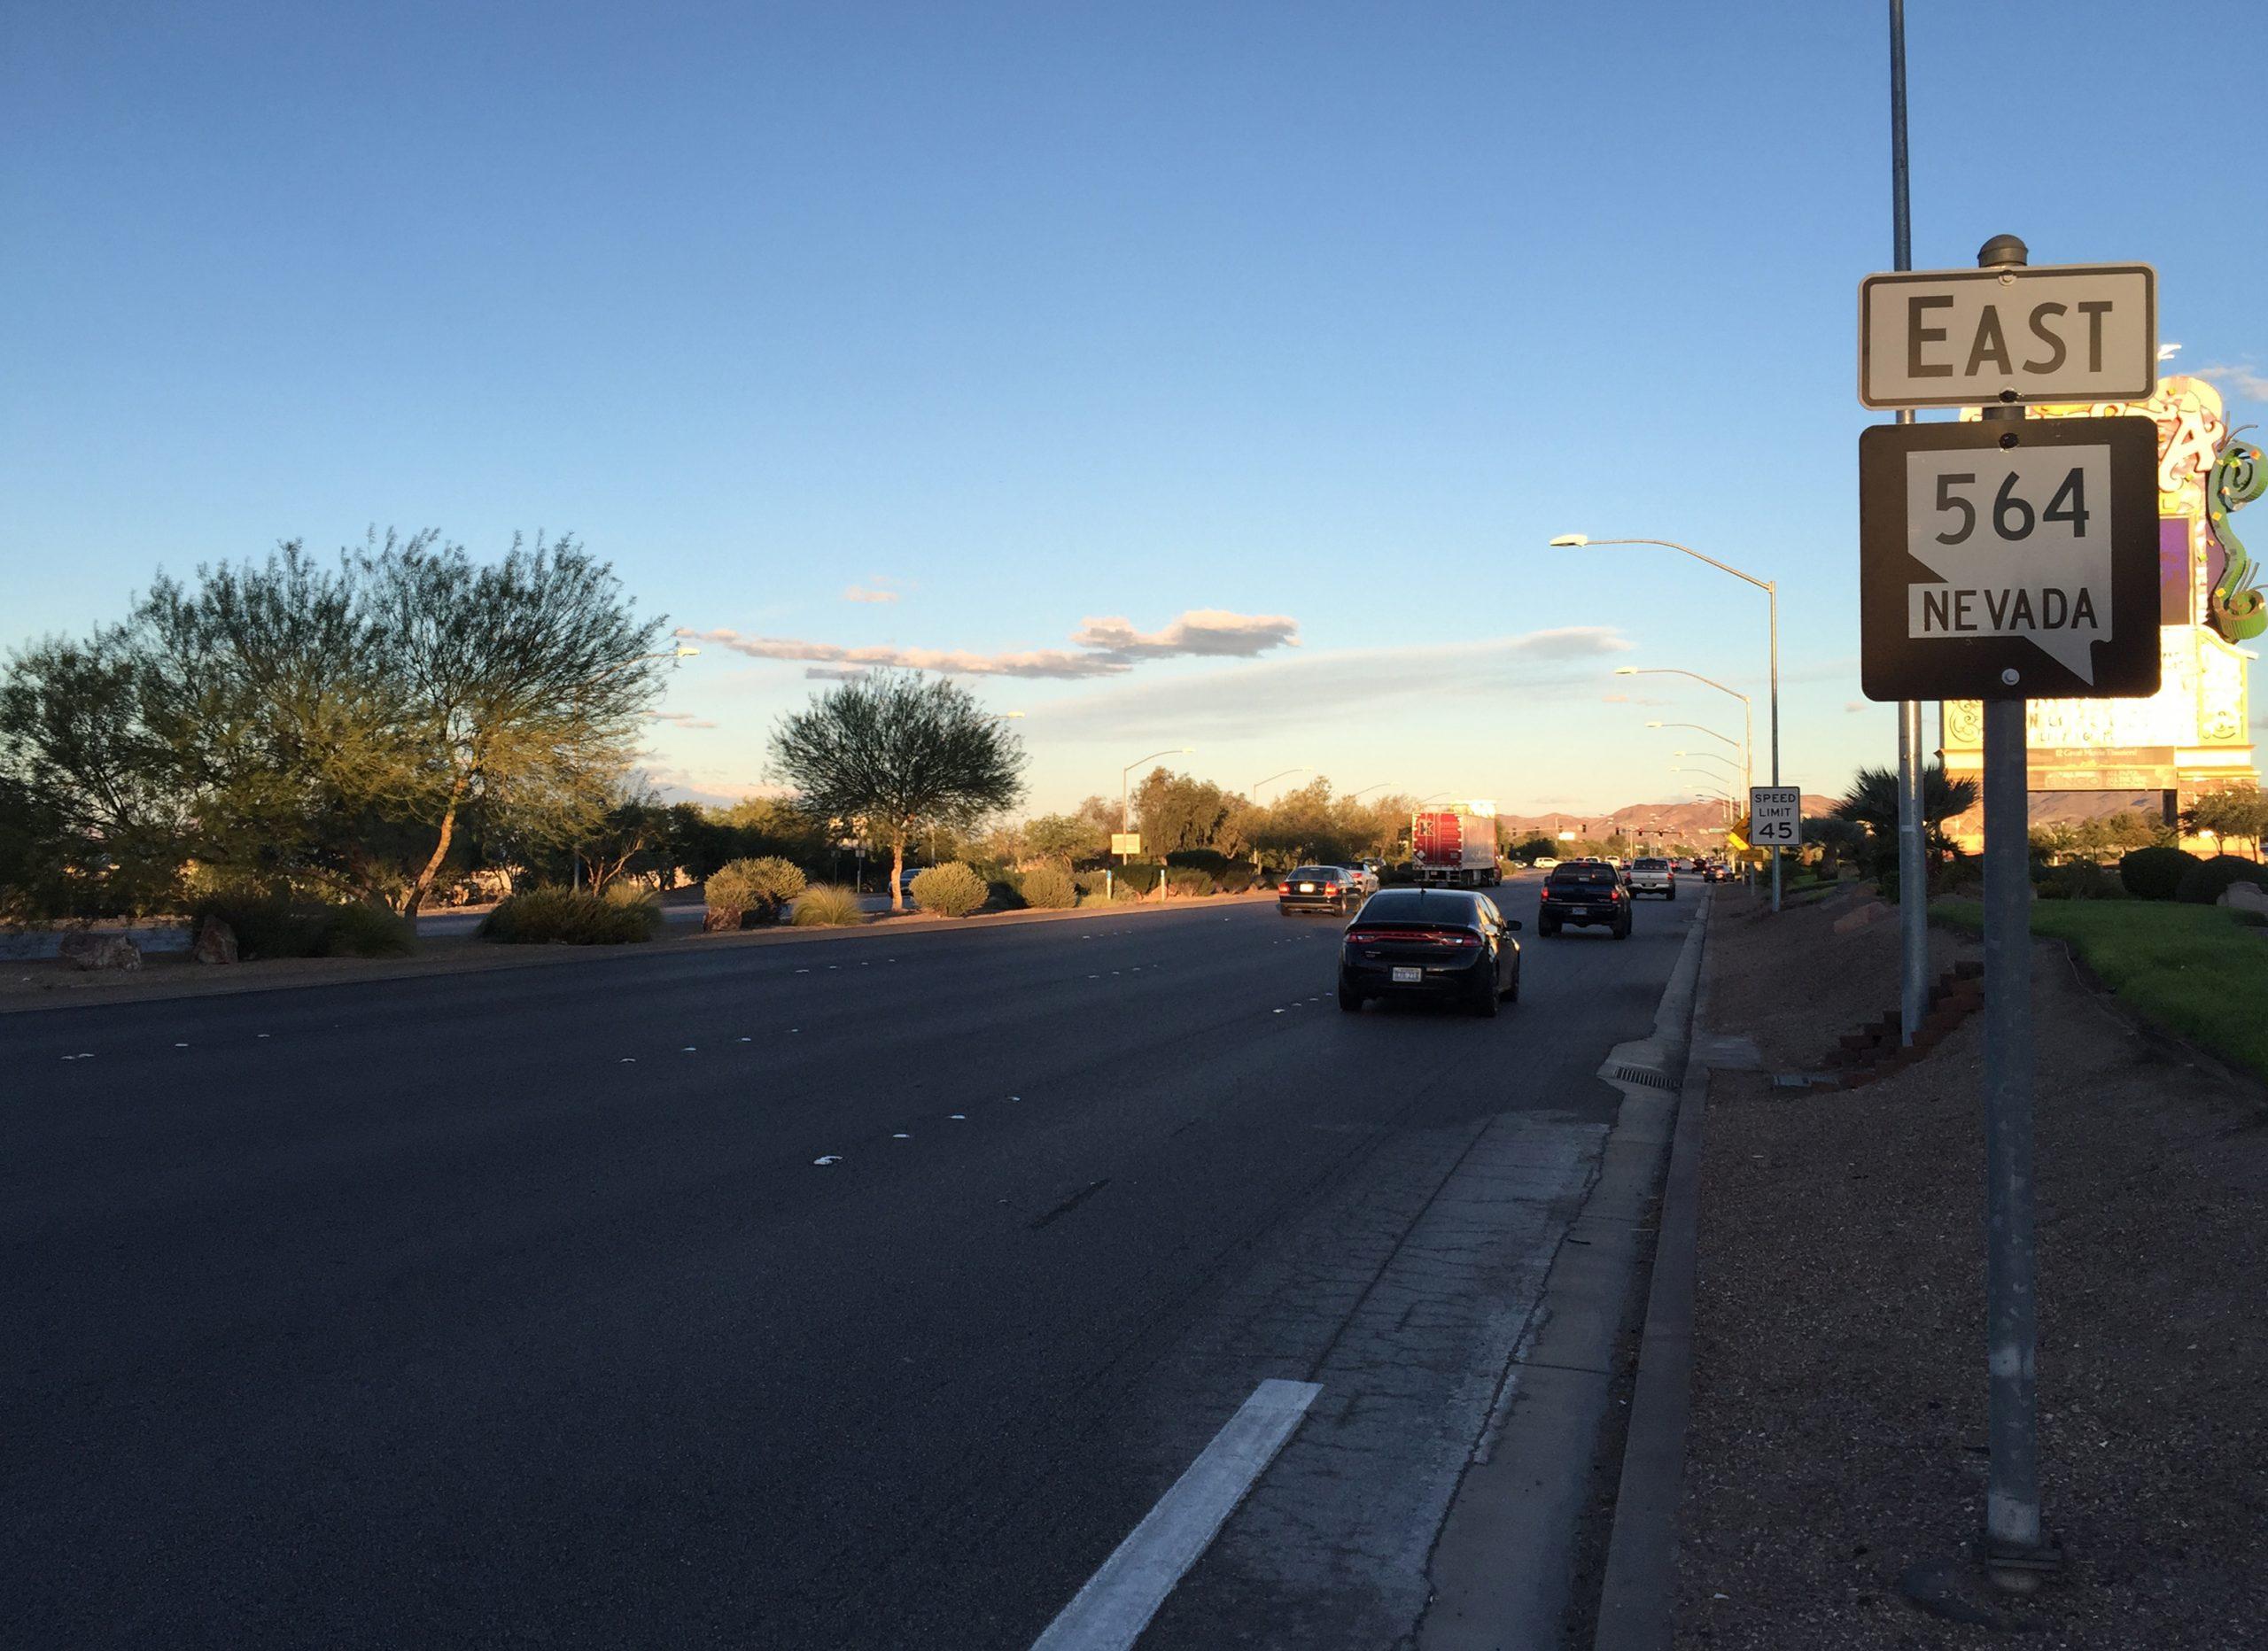 Nevada Condition Route 564